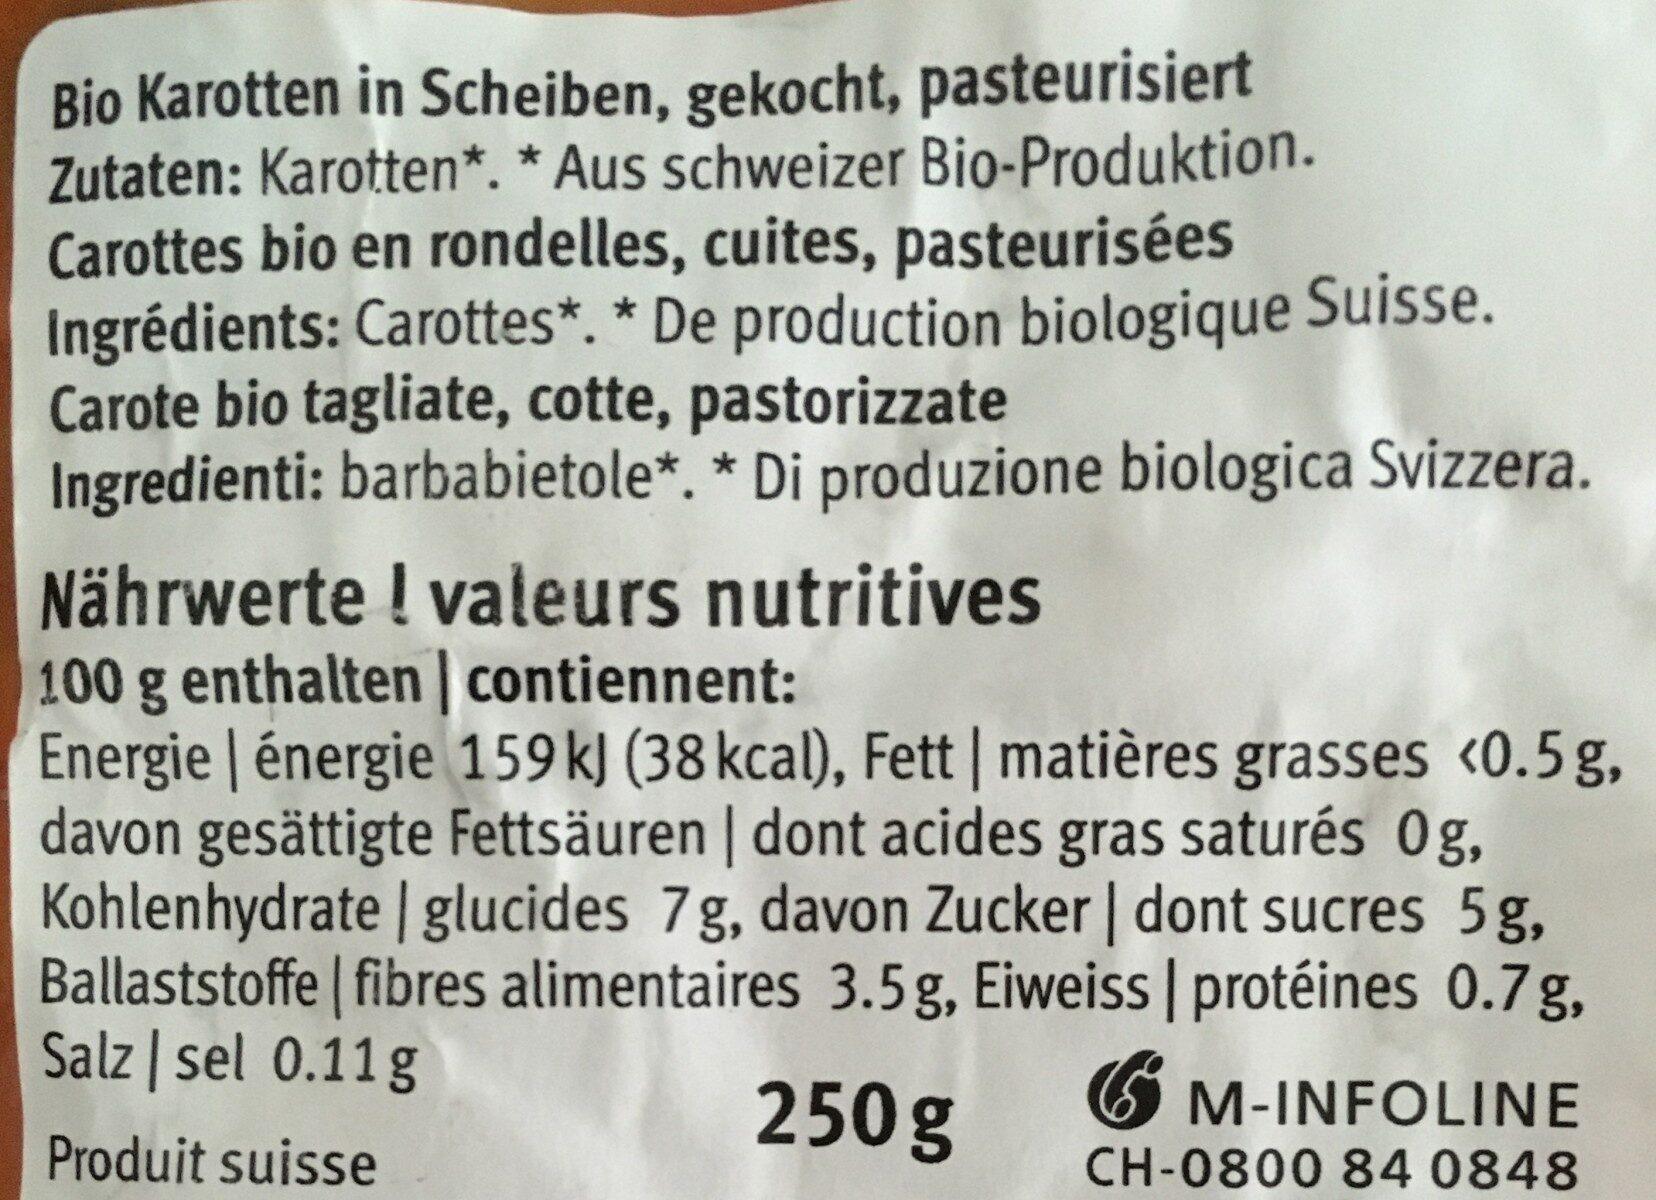 Carottes rondelles - Nutrition facts